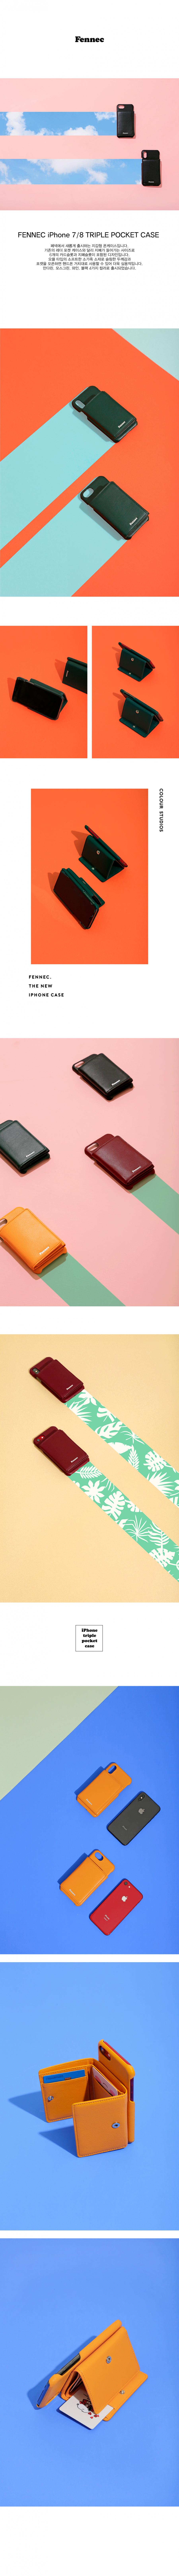 페넥(FENNEC) LEATHER iPHONE 7/8 TRIPLE POCKET CASE - BLACK